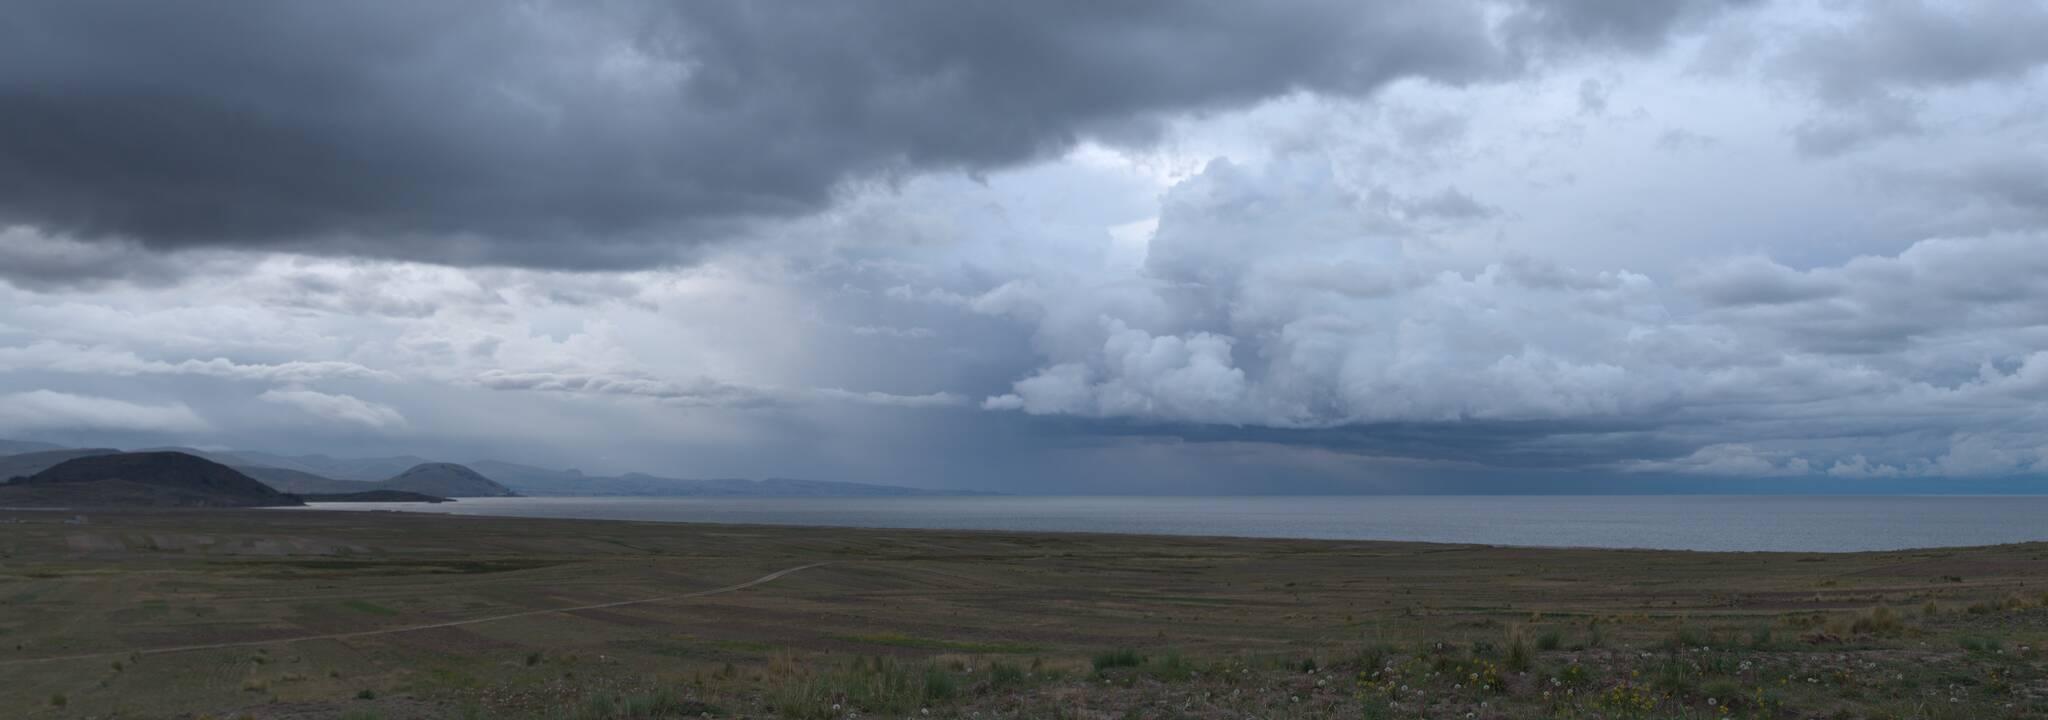 Przedostatnia burza po peruwiańskiej stronie